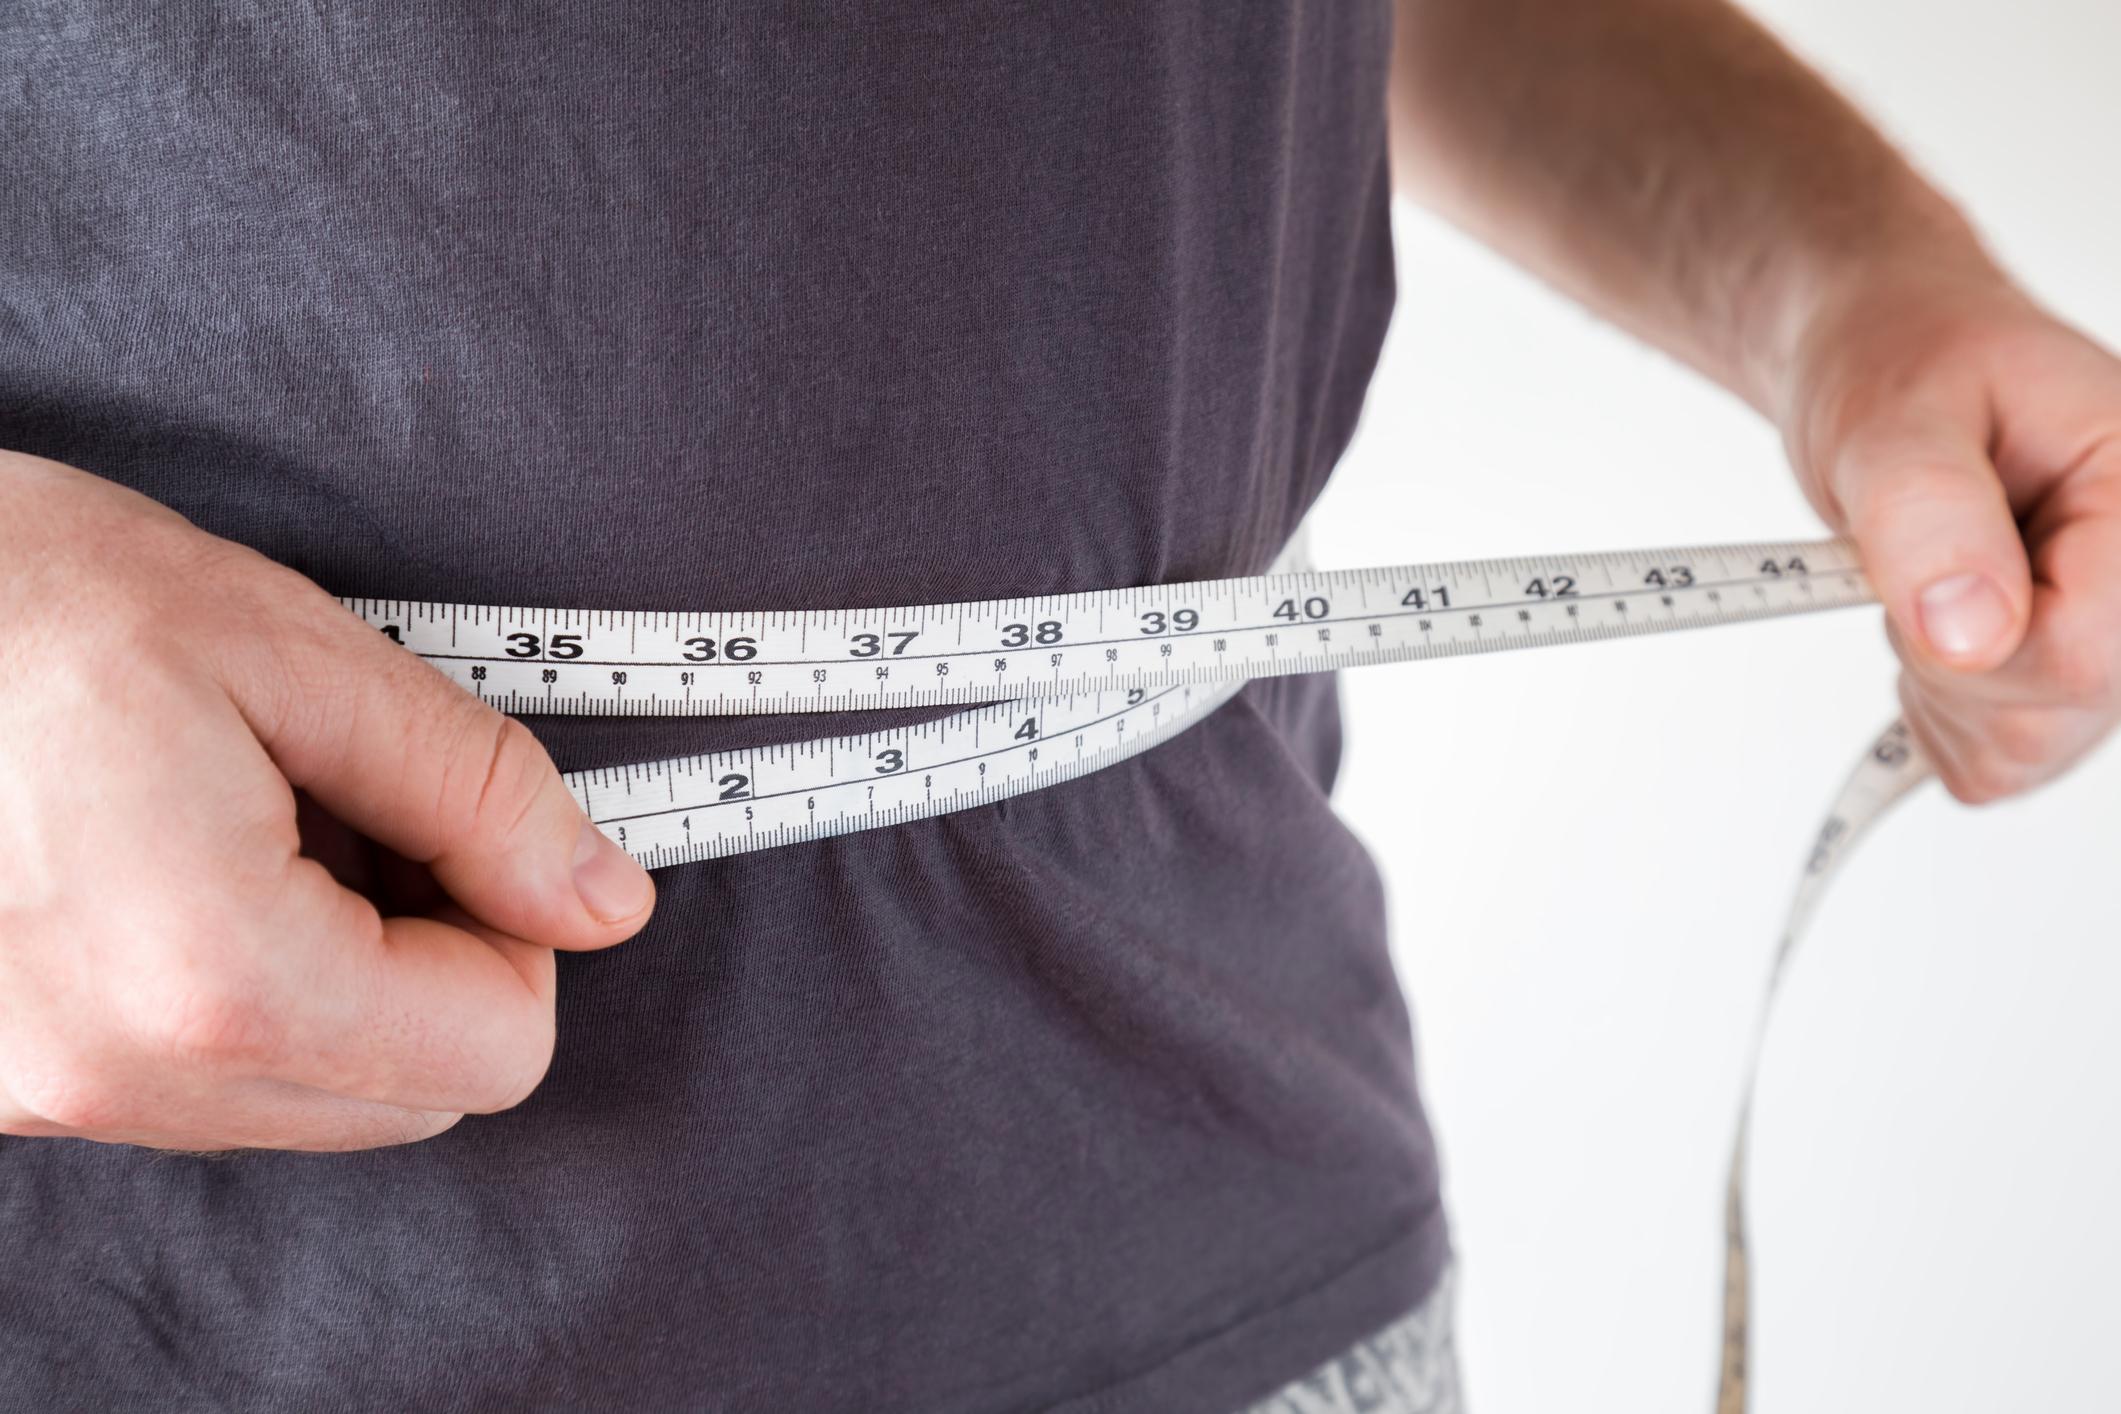 milyen fájdalmas meniszcus a térdízület tünetei hogyan lehet enyhíteni az ízületi fájdalmakat hőmérsékleten